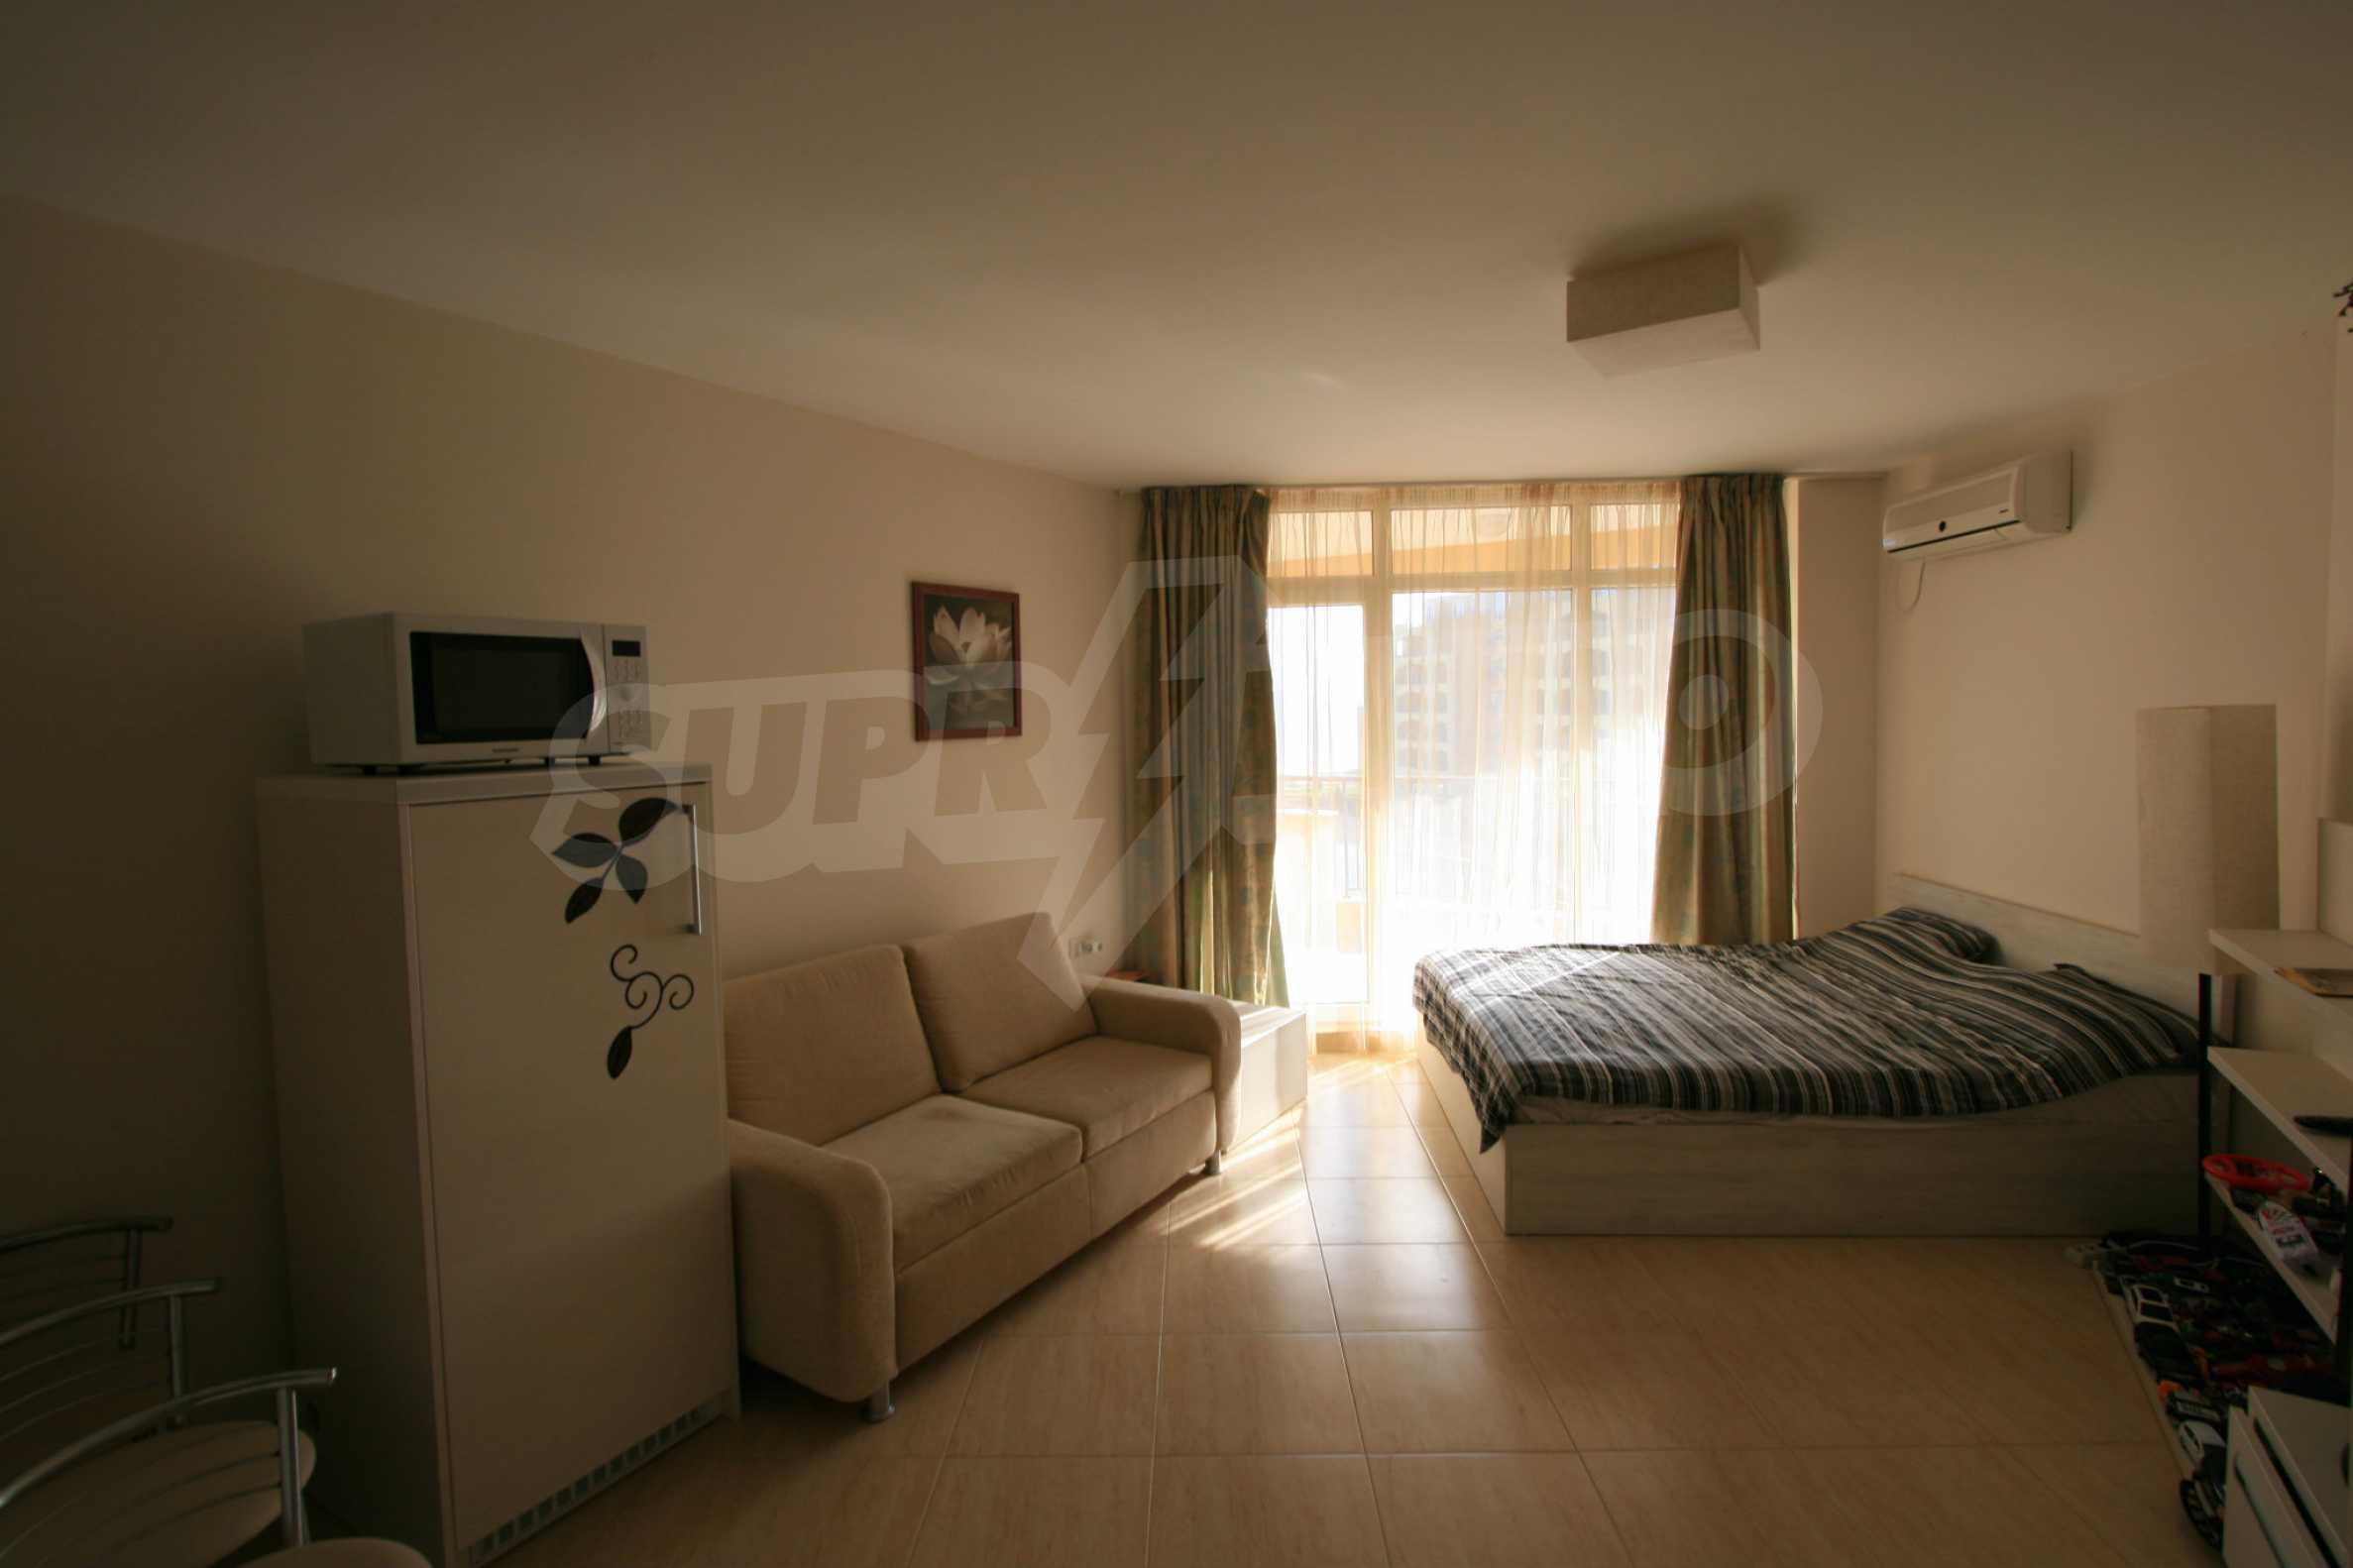 Studio zum Verkauf im Midia Grand Resort in Aheloy 10